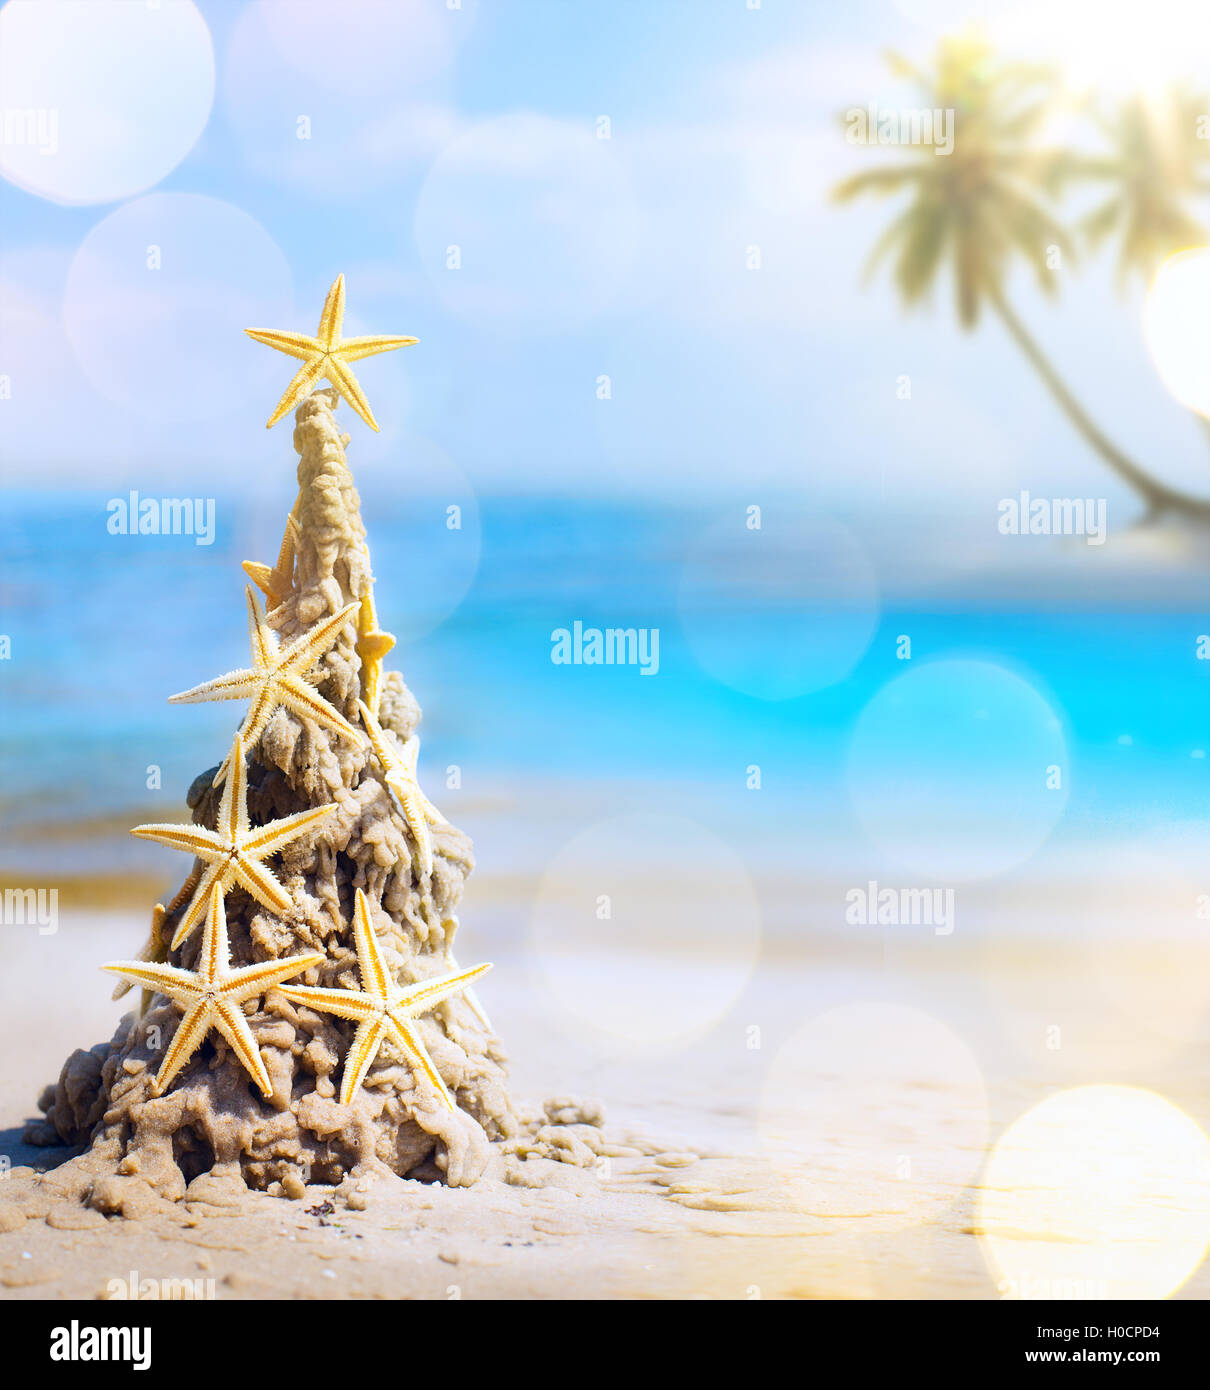 Tropical Christmas.Art Tropical Christmas Holiday Stock Photo 120753616 Alamy